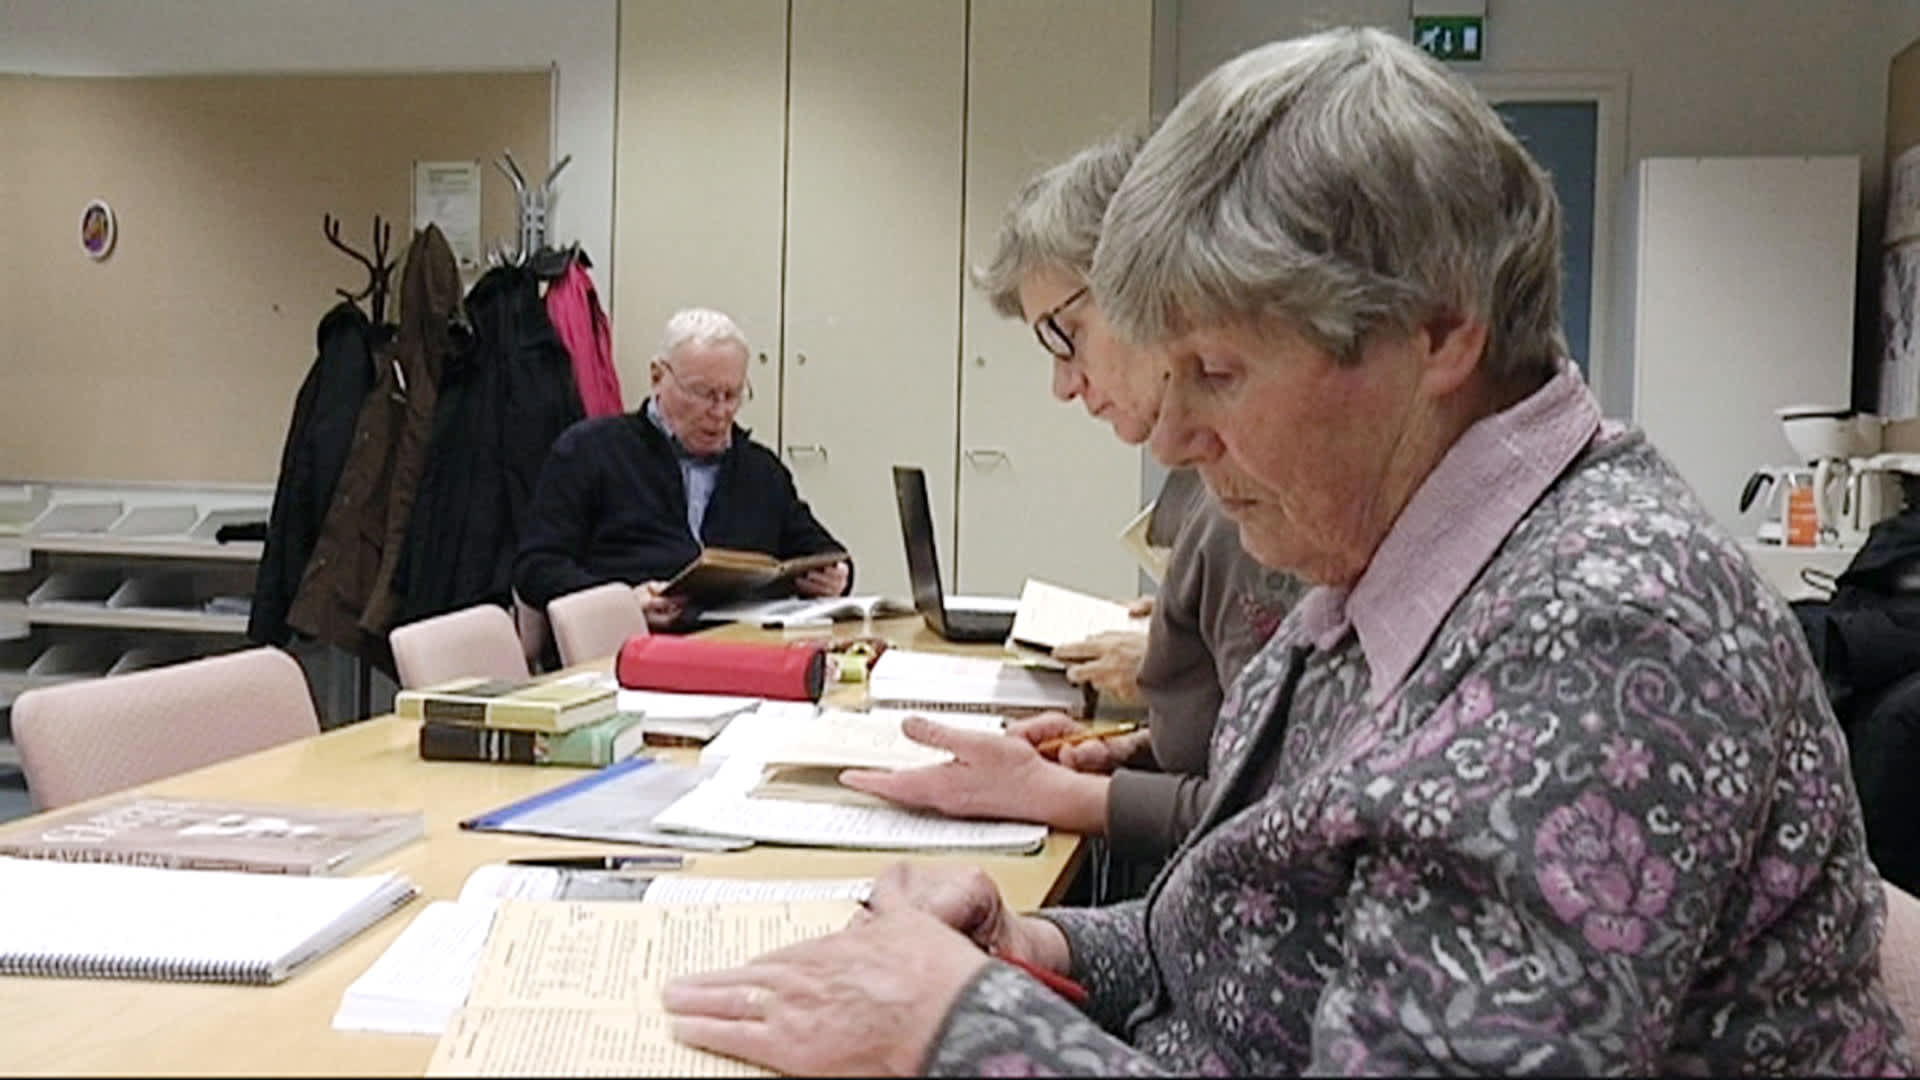 83-vuotias Maija Sarakontu tähtää kahden muun itsenäisesti opiskelevan kanssa kevään ylioppilaskokeisiin.